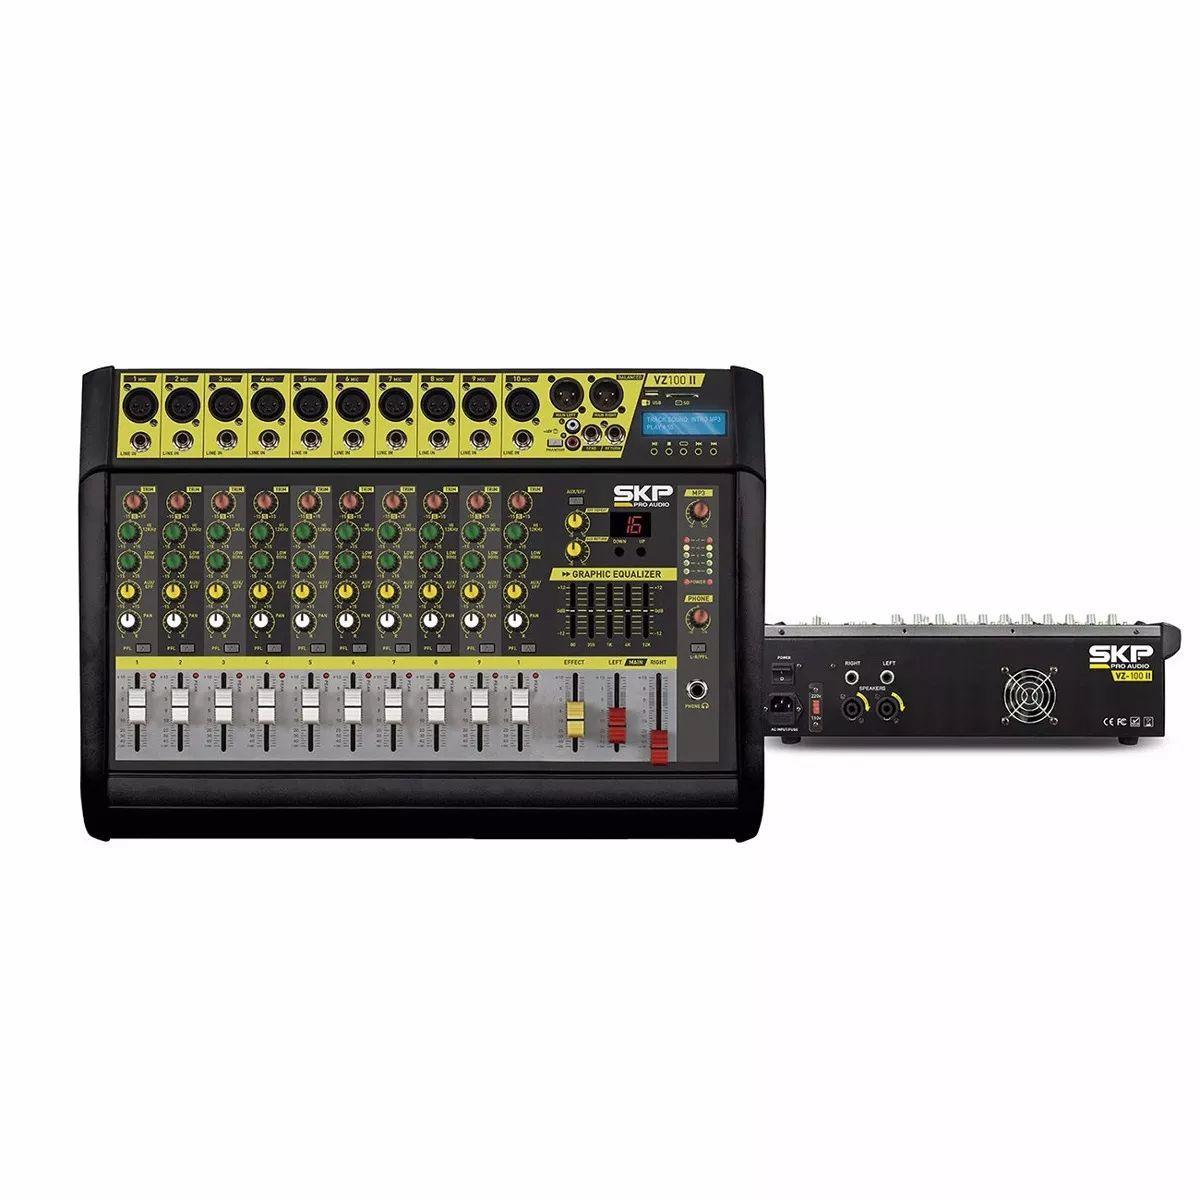 Mixer Mesa De Som Amplificado Usb 10 Canais - Skp Vz-100ll